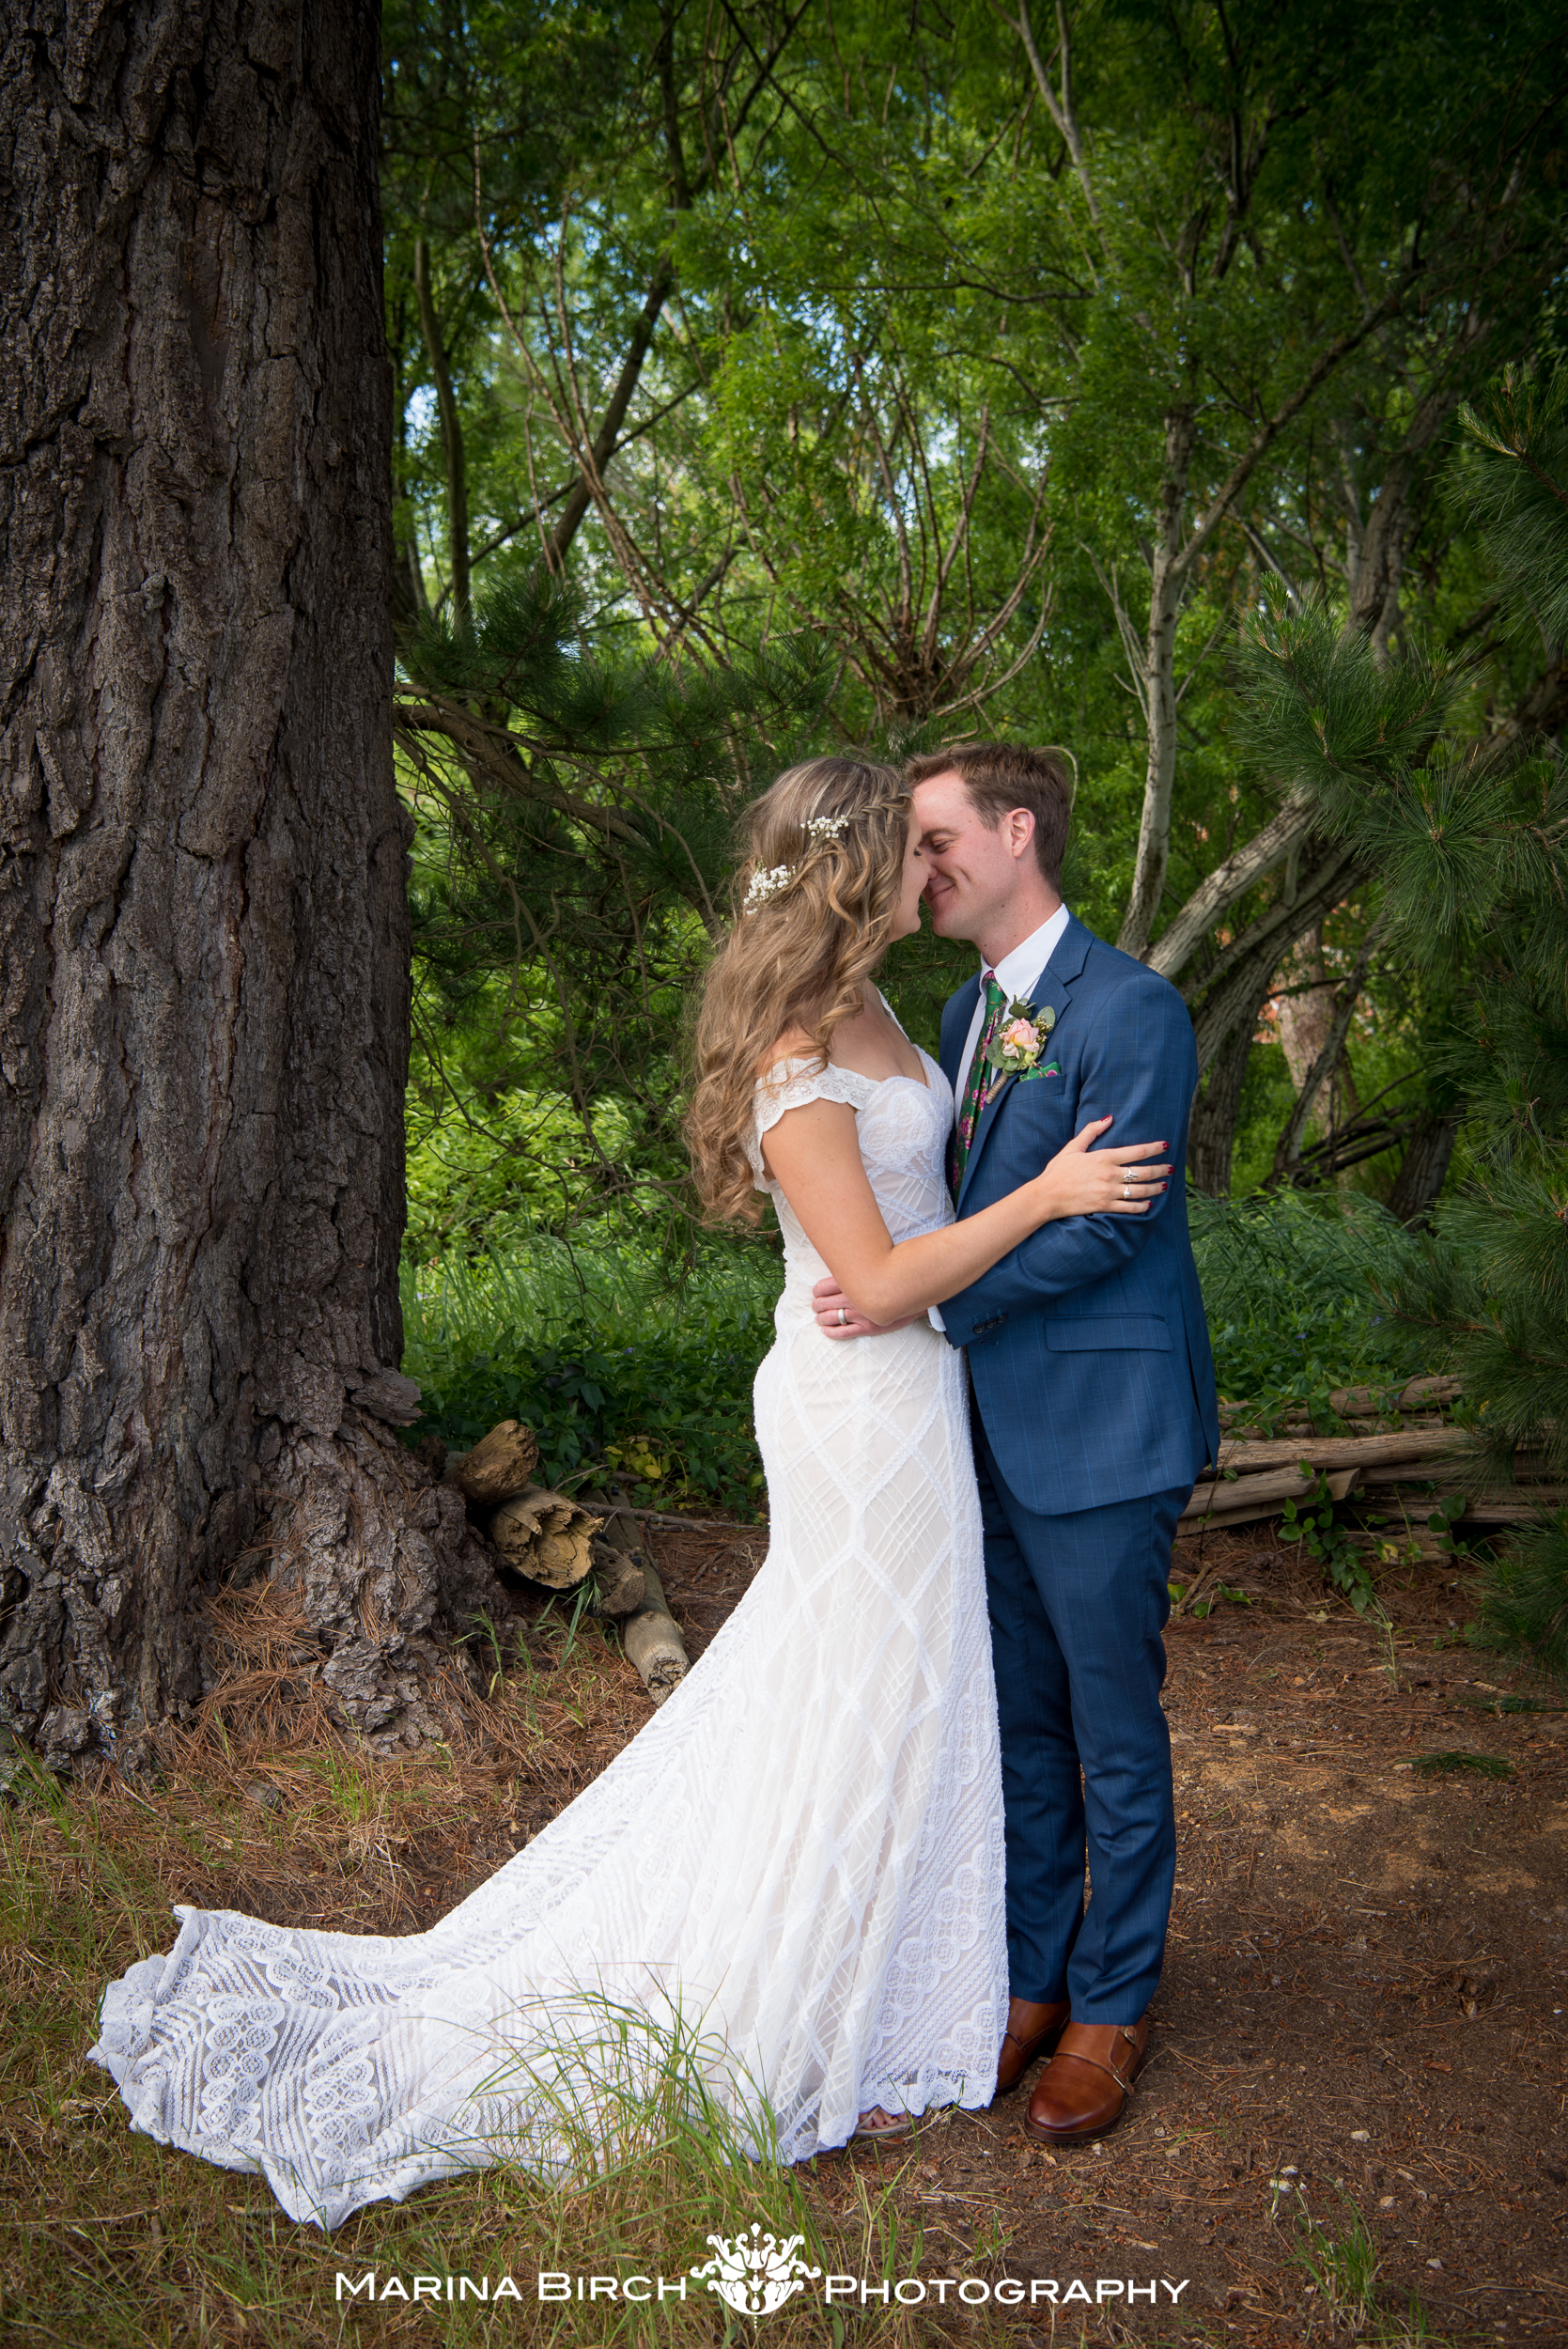 MBP.wedding -22.jpg